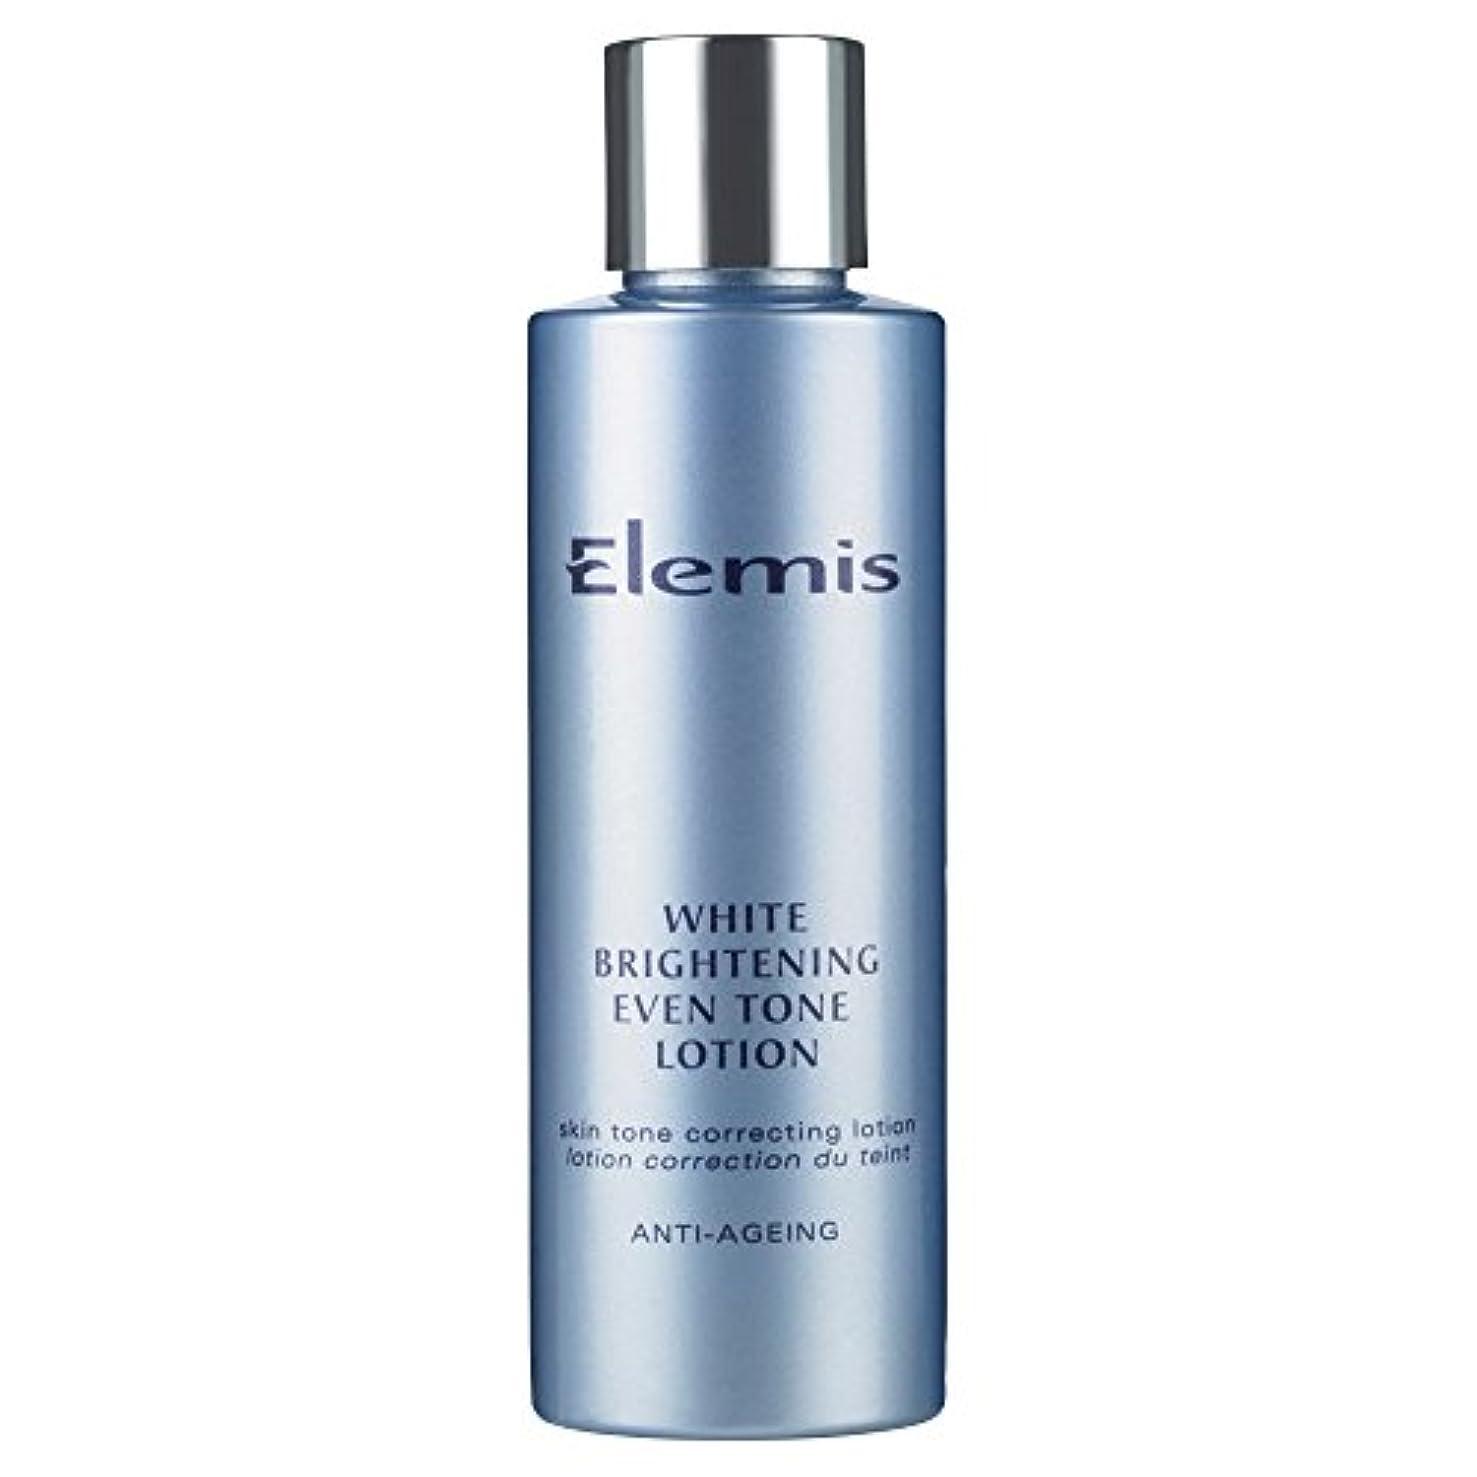 血まみれのタンクバケットエレミス白い光沢さえトーンローション150ミリリットル (Elemis) - Elemis White Brightening Even Tone Lotion 150ml [並行輸入品]